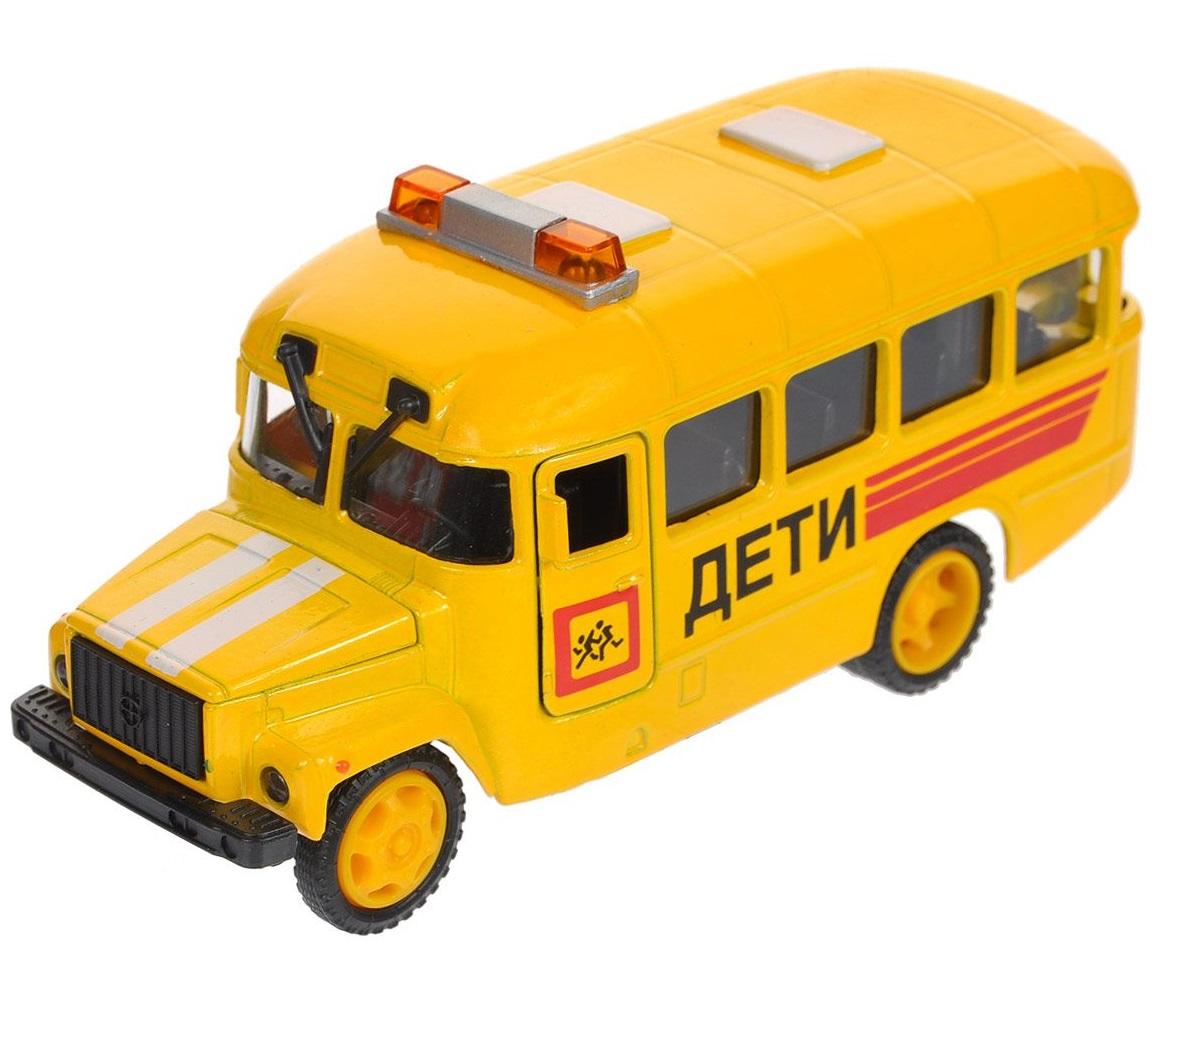 Машина металлическая инерционная - КАВЗ – Дети, со светом и звукомГородская техника<br>Машина металлическая инерционная - КАВЗ – Дети, со светом и звуком<br>